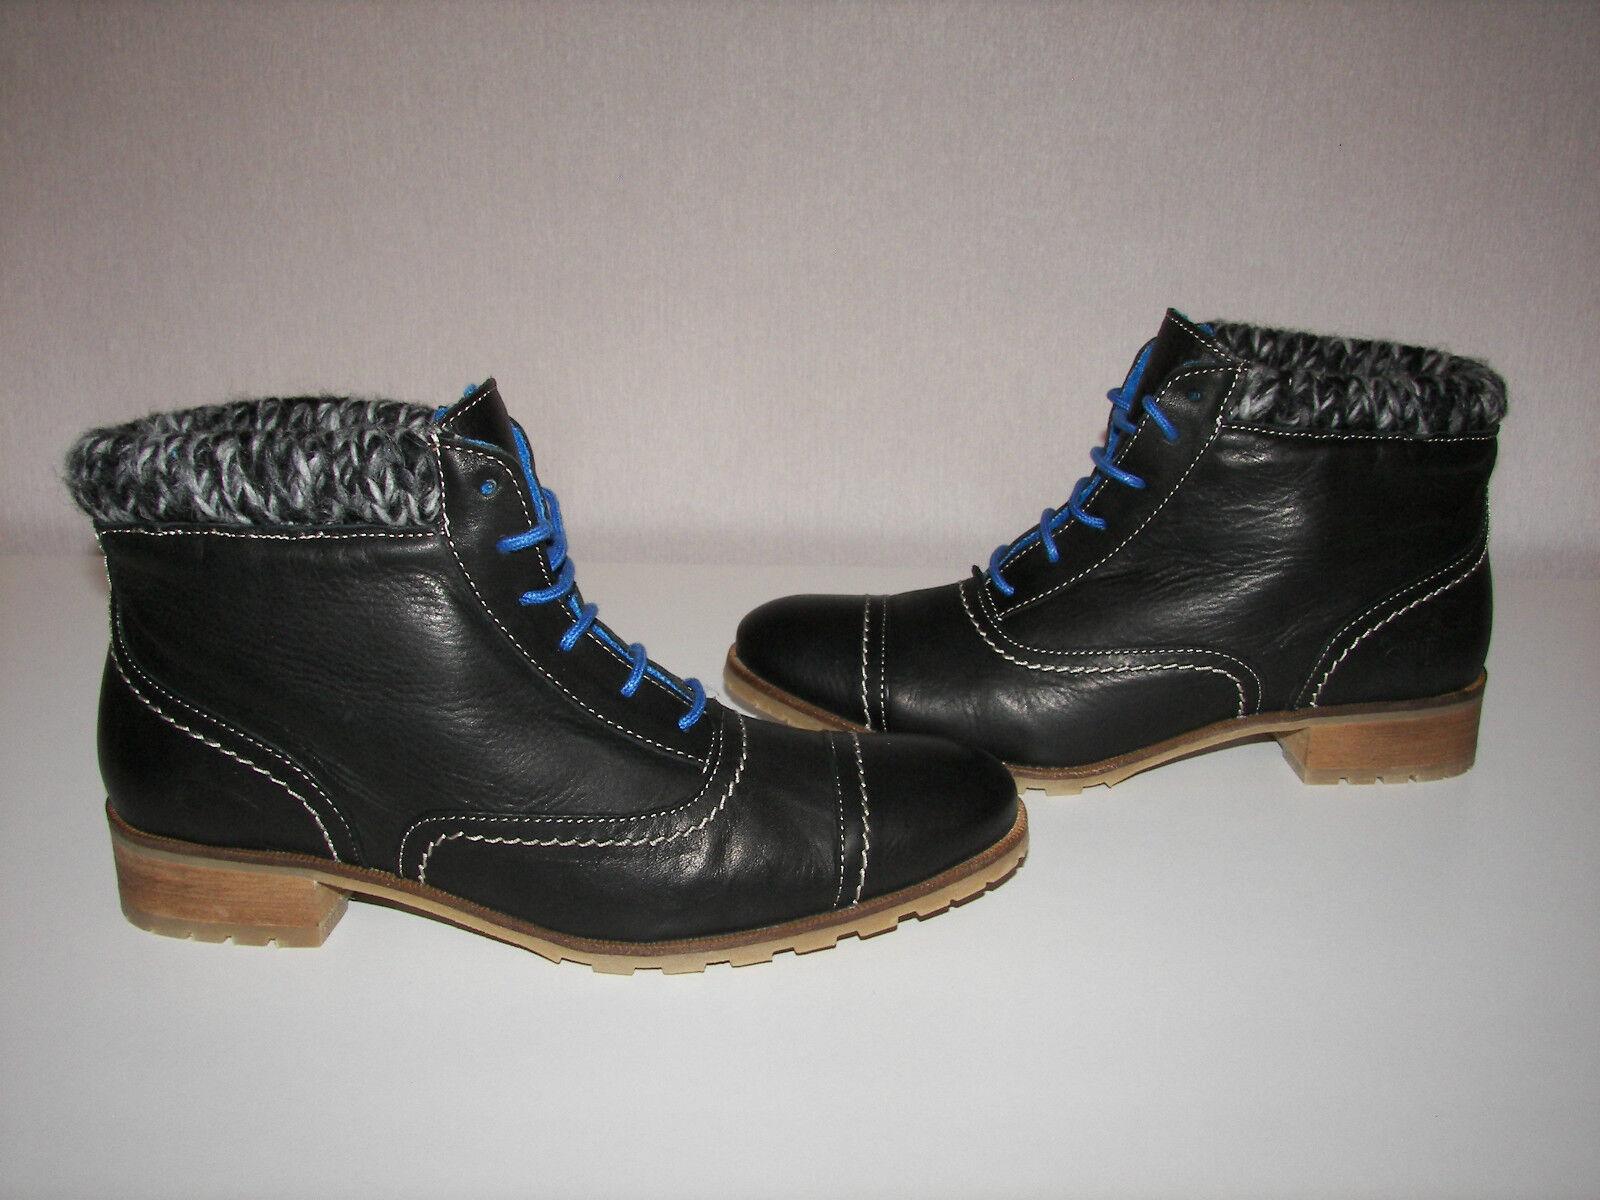 Shoot Schnürer Gr. 40 schwarz schwarz schwarz Stiefel NEU 809b9d